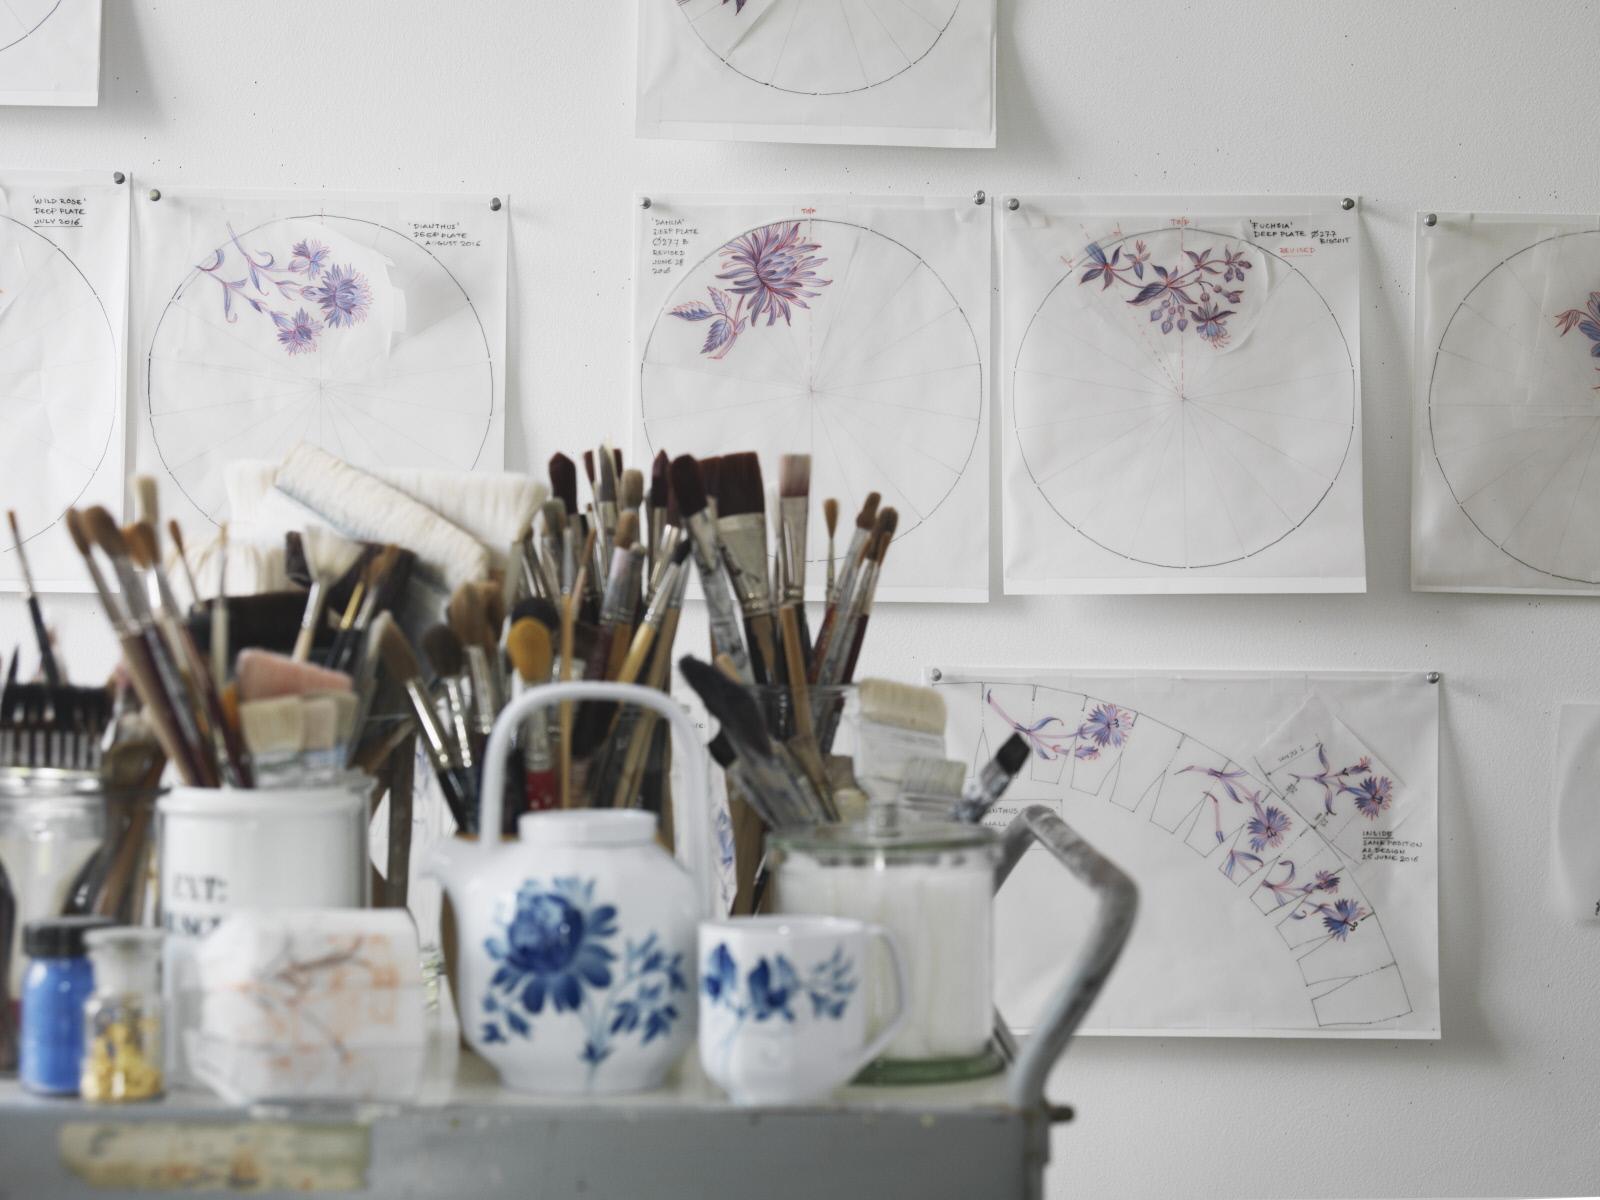 blomst_WouterDolk_Studio_Teapot_Mug royal copenhagen stel